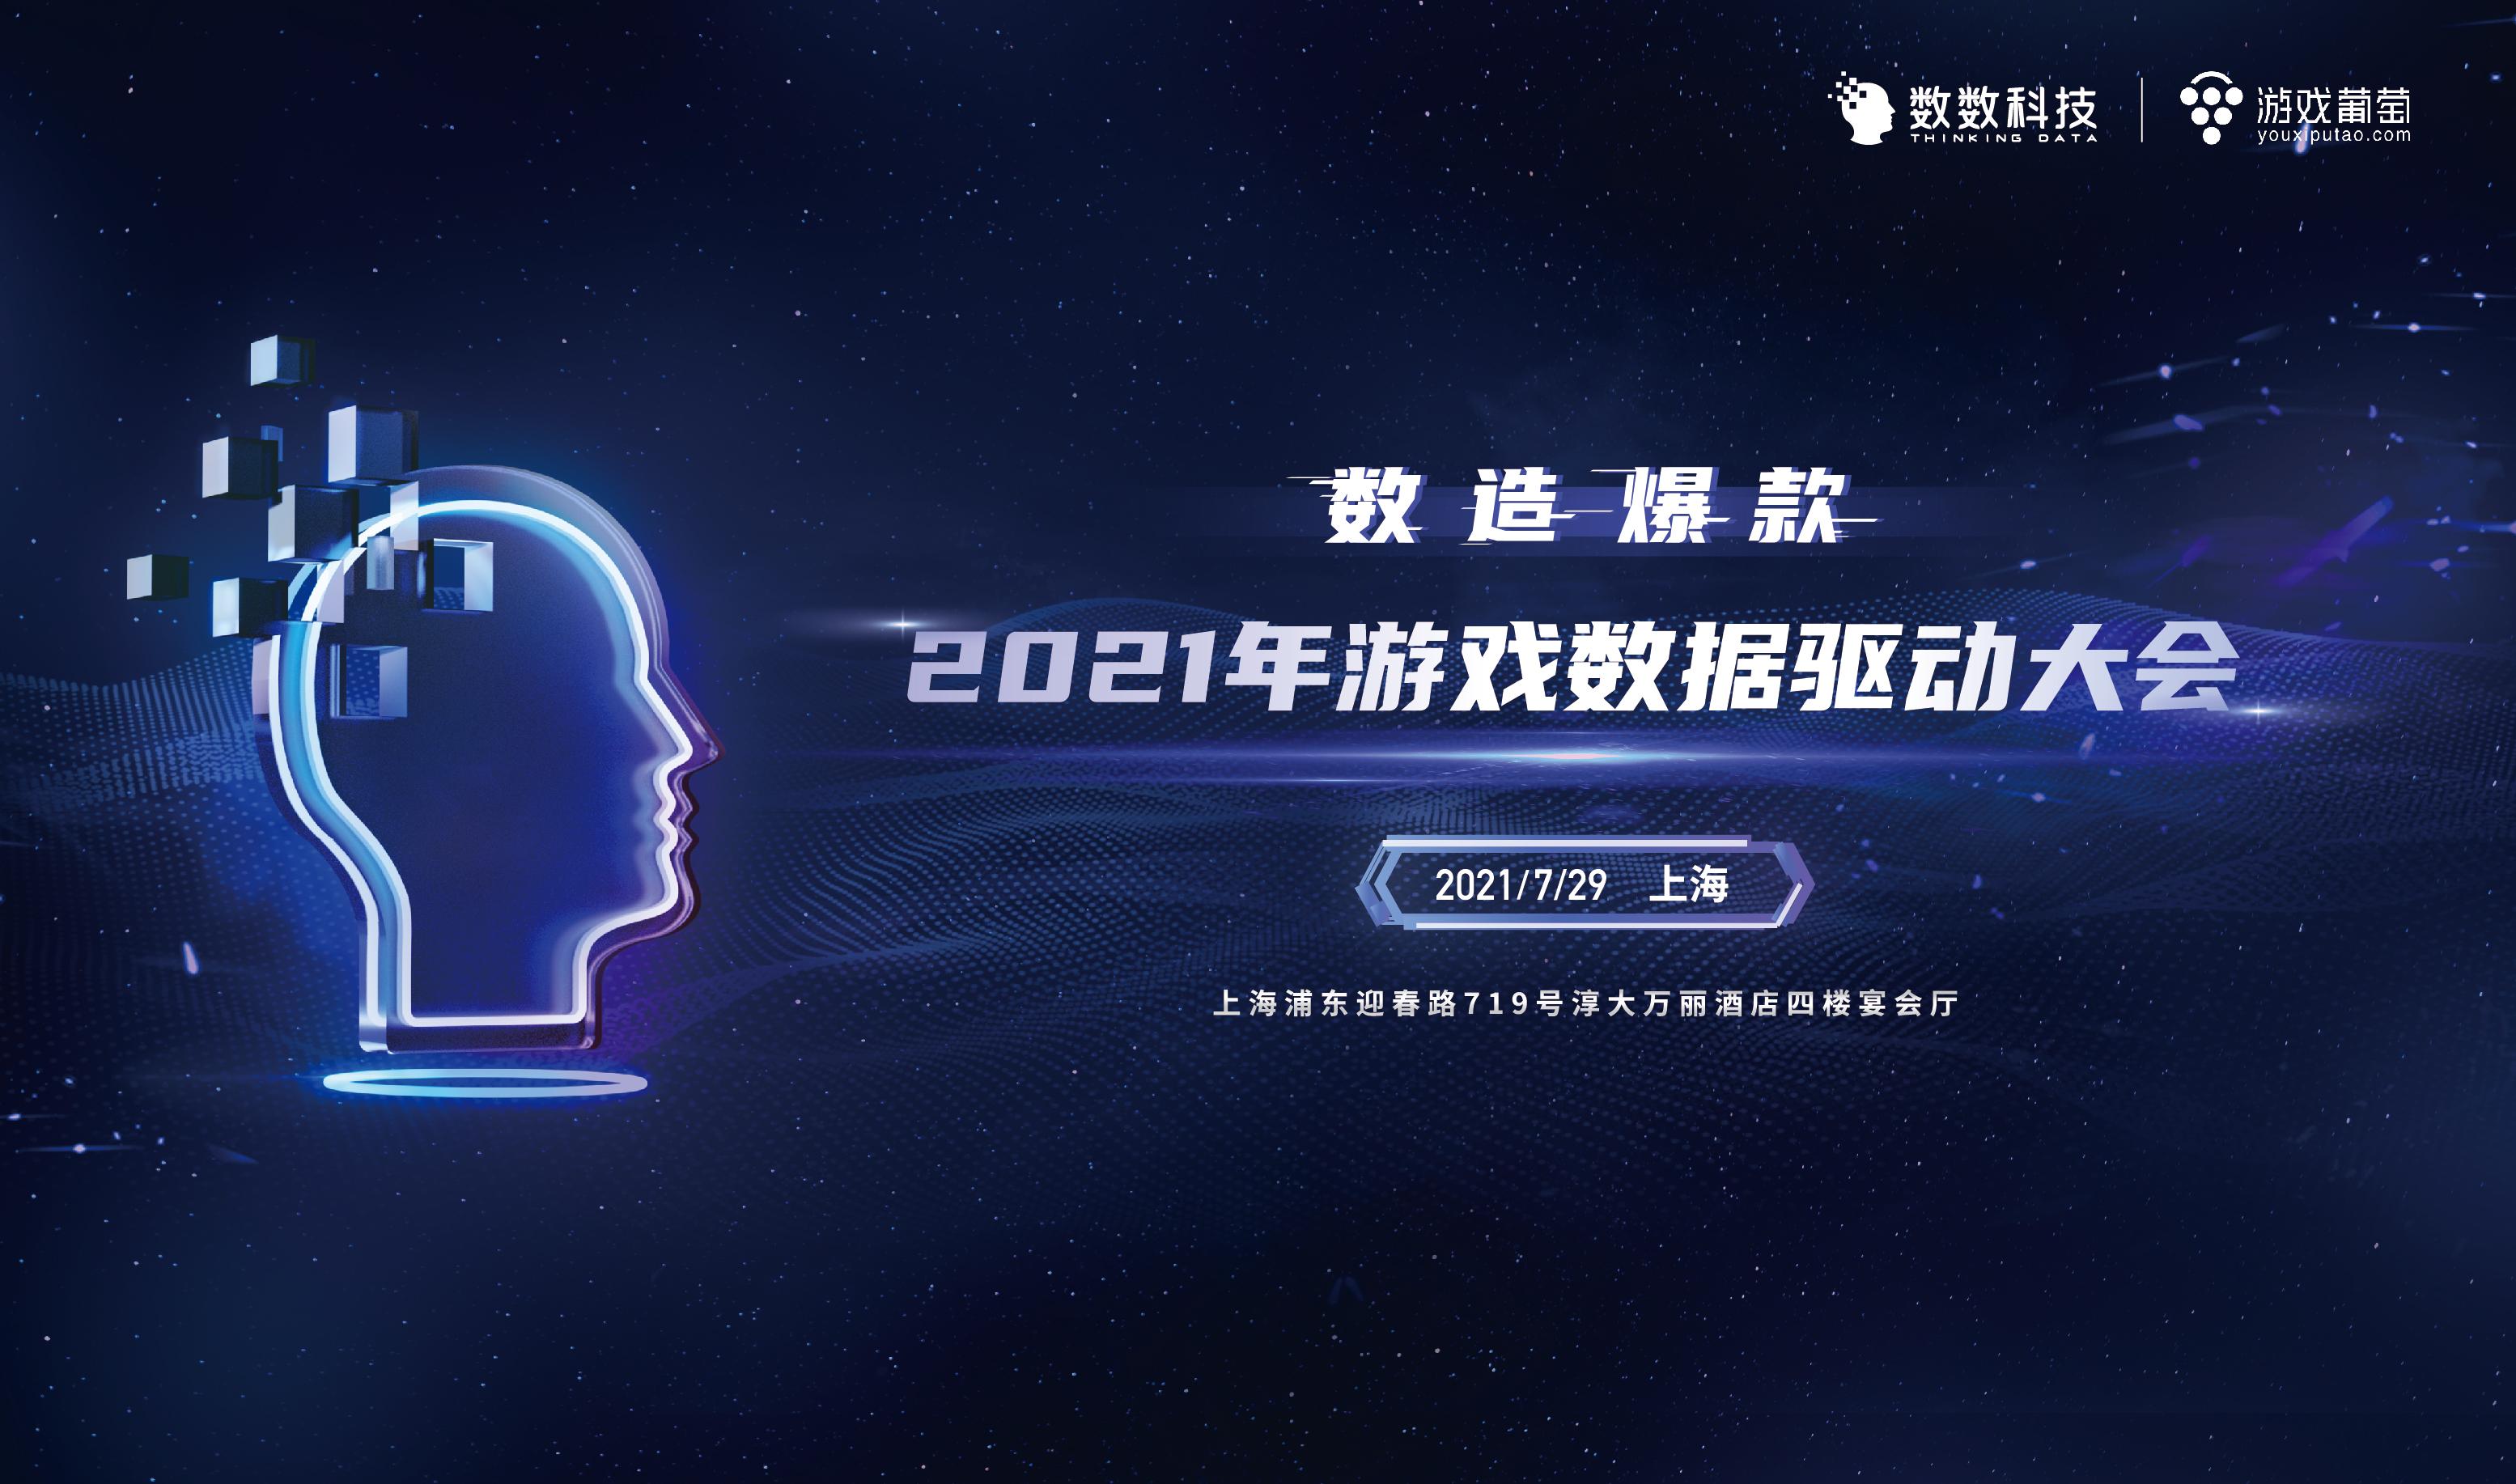 数造爆款 2021年游戏数据驱动大会(2021-07-29)